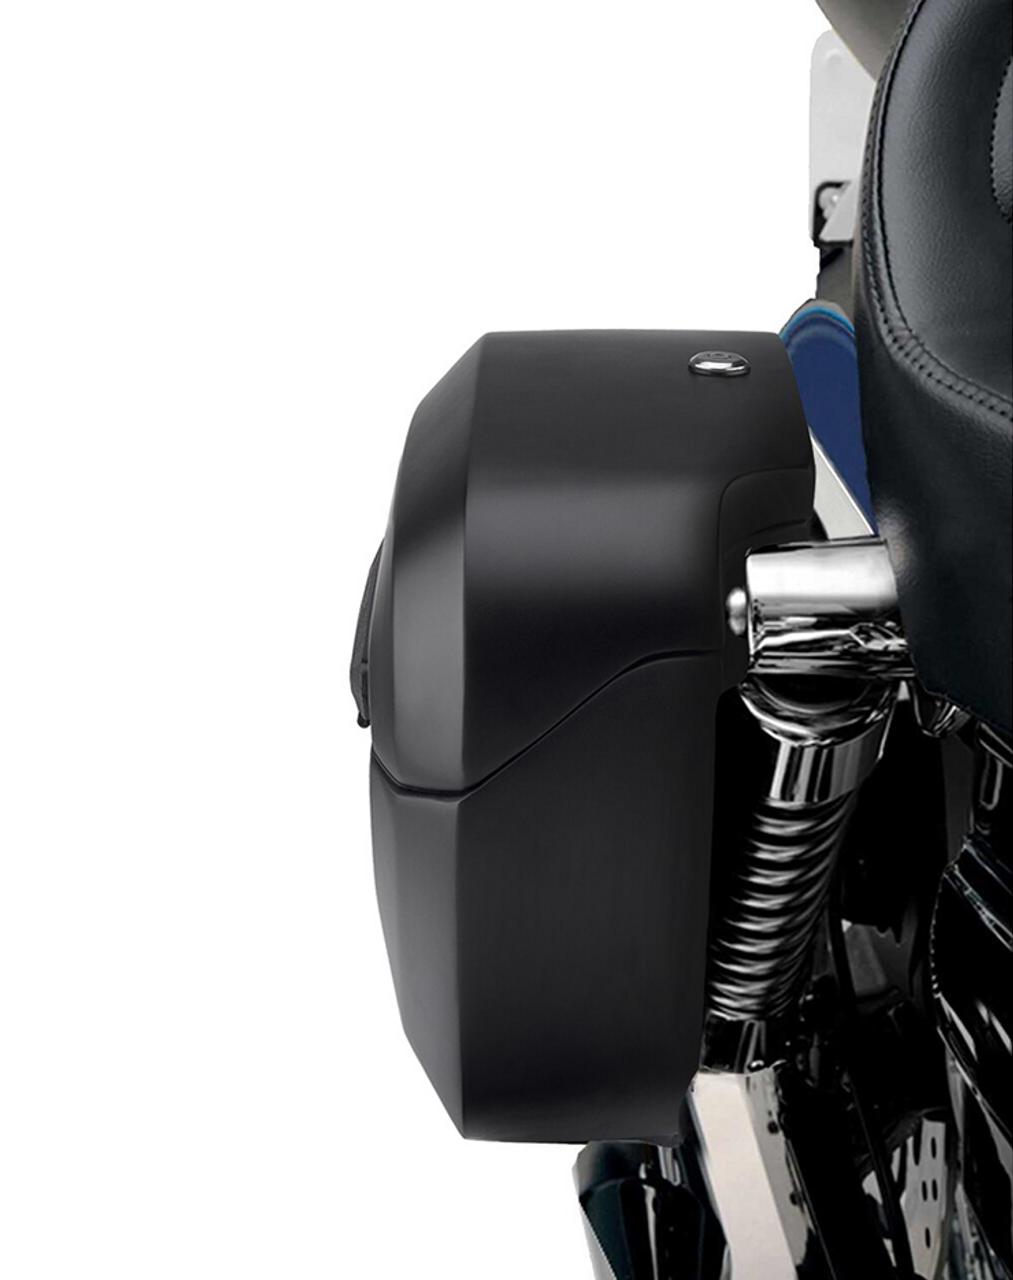 Viking Lamellar Shock Cutout Large Matte Motorcycle Hard Saddlebags For Kawasaki 1600 Mean Streak Shock Cutout View